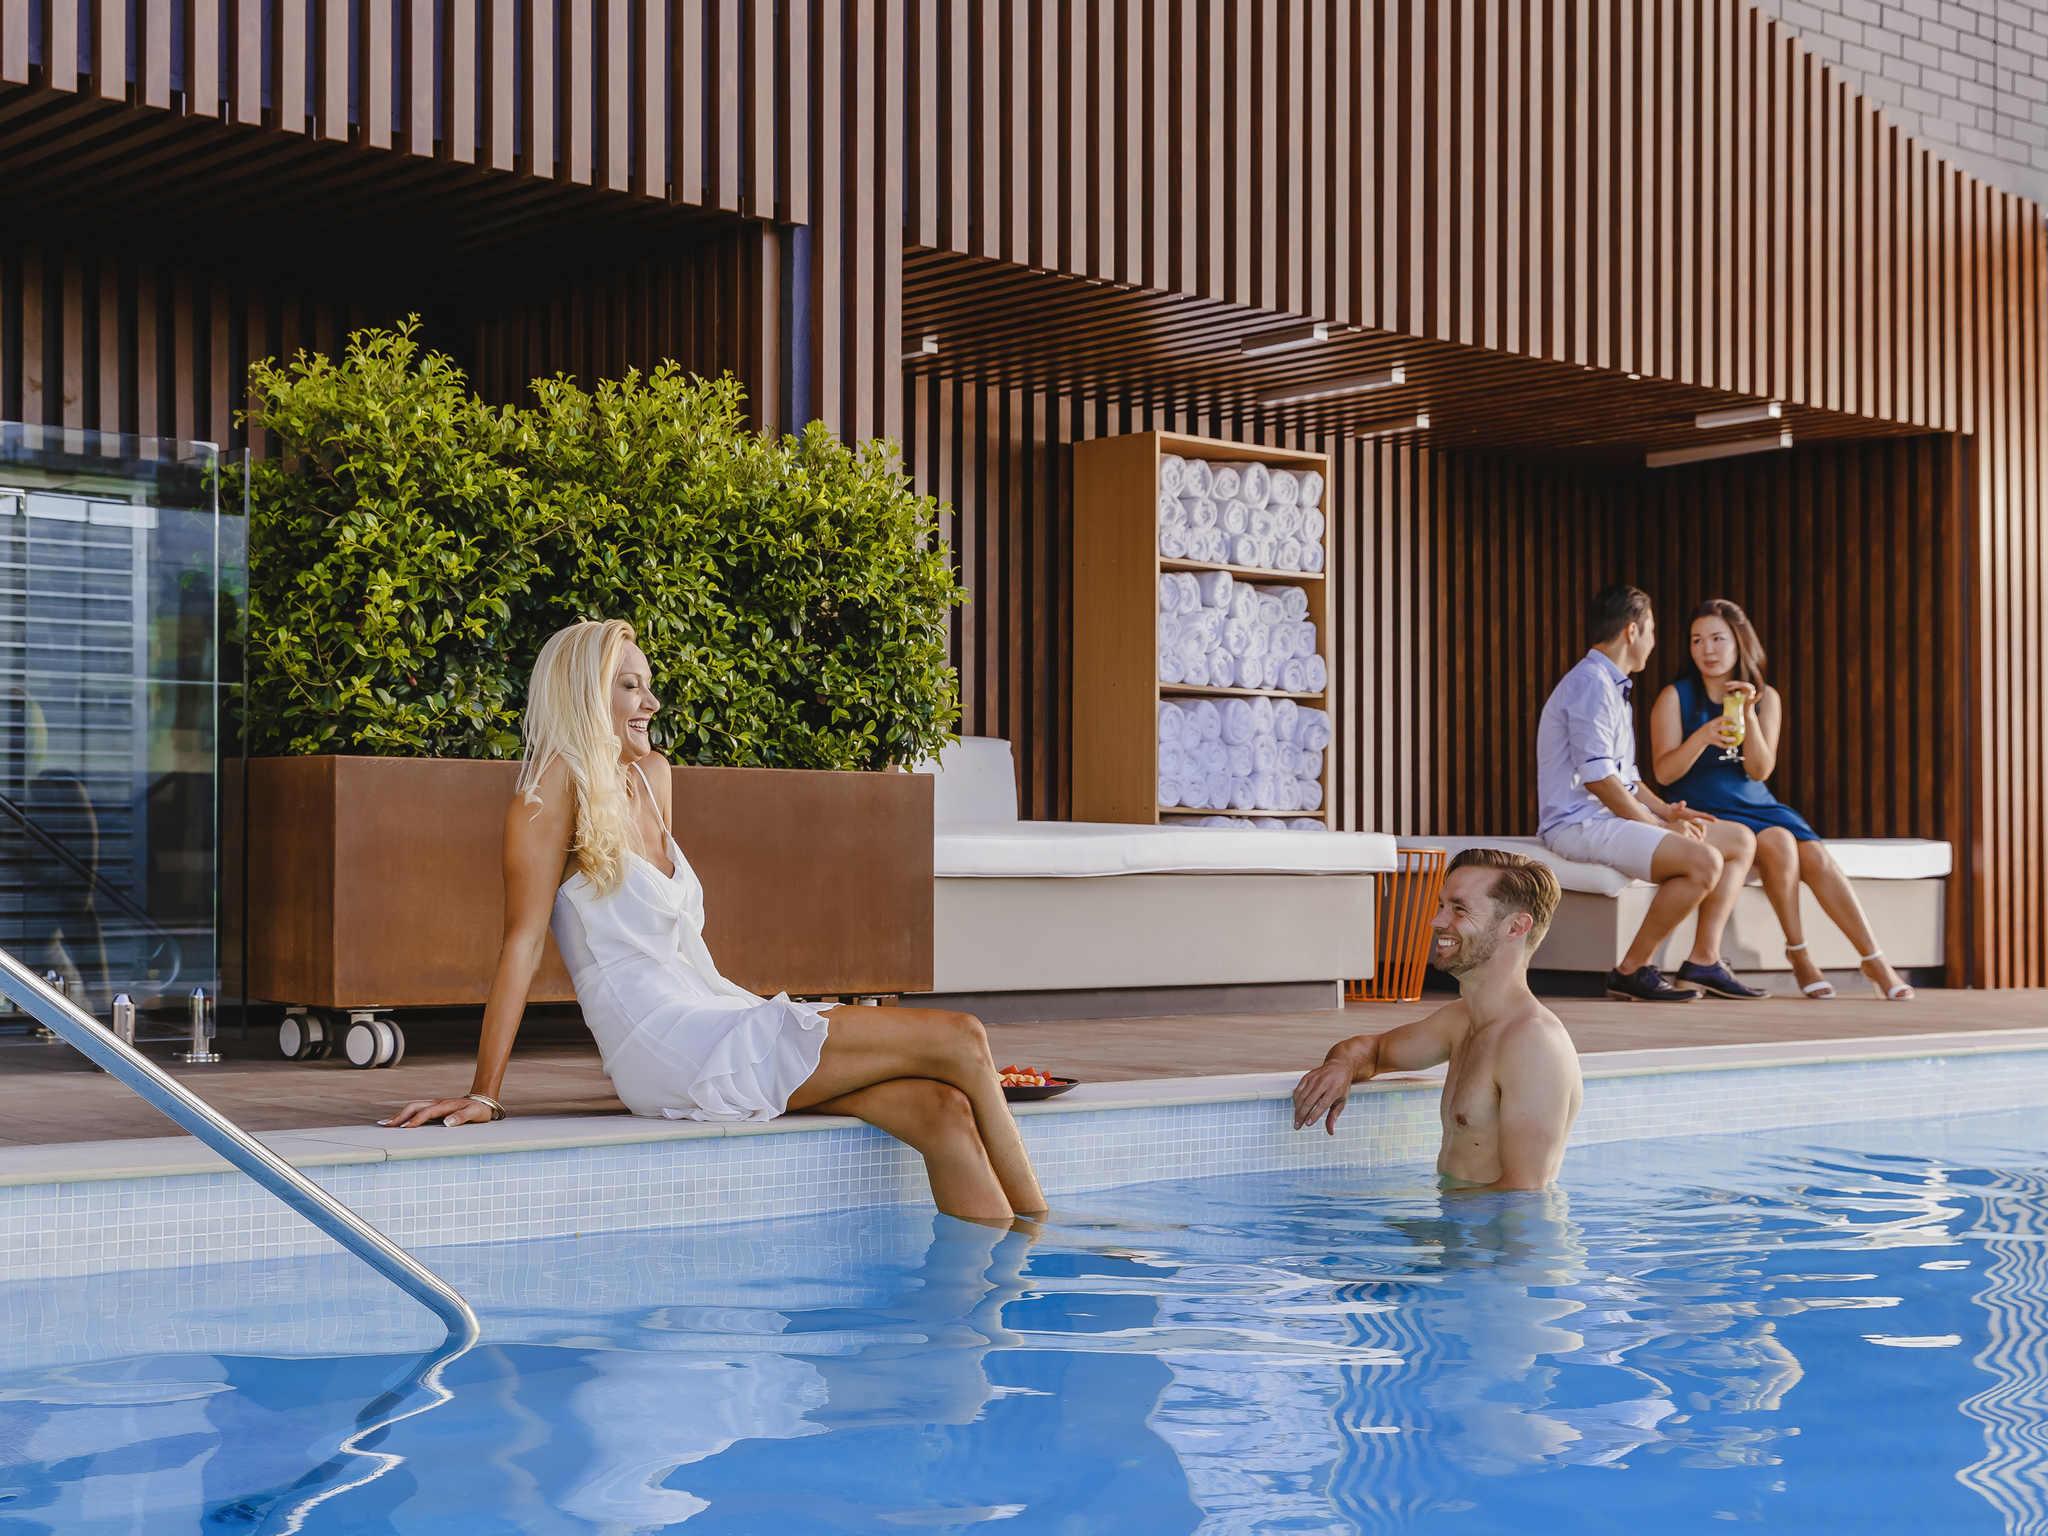 ホテル – プルマンブリスベンキングジョージスクエア